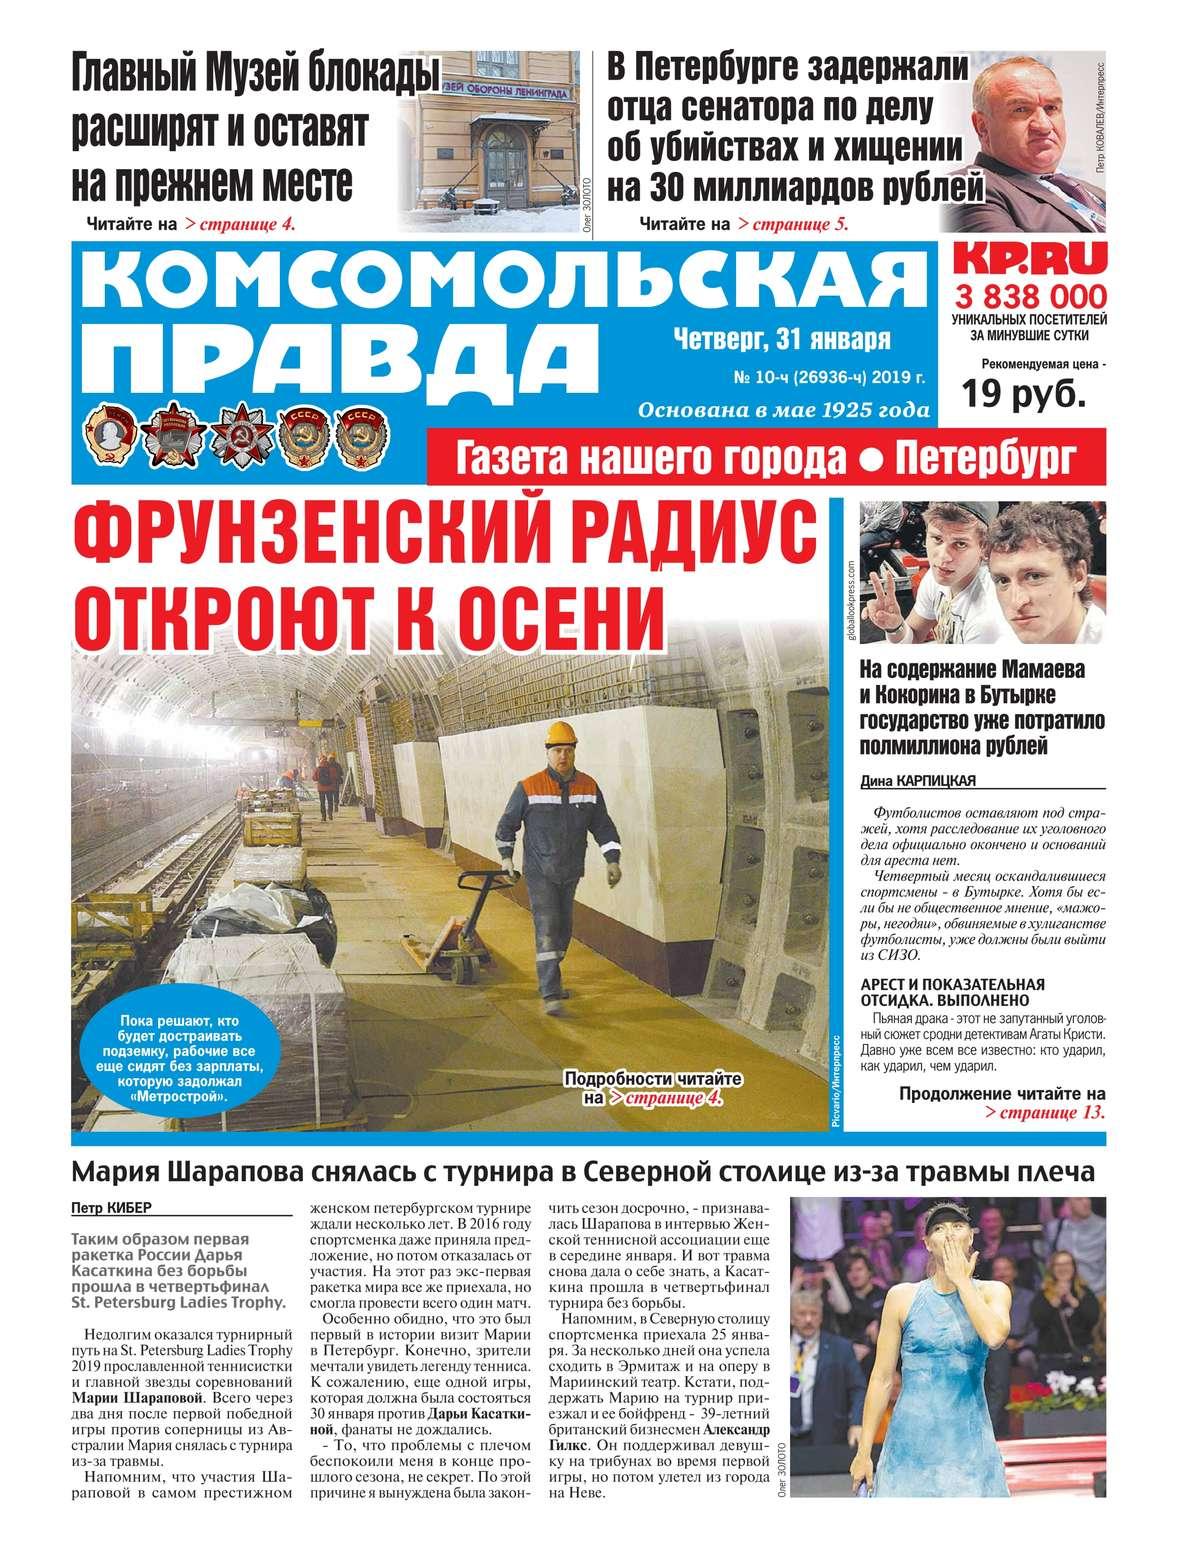 Комсомольская Правда. Санкт-Петербург 10ч-2019